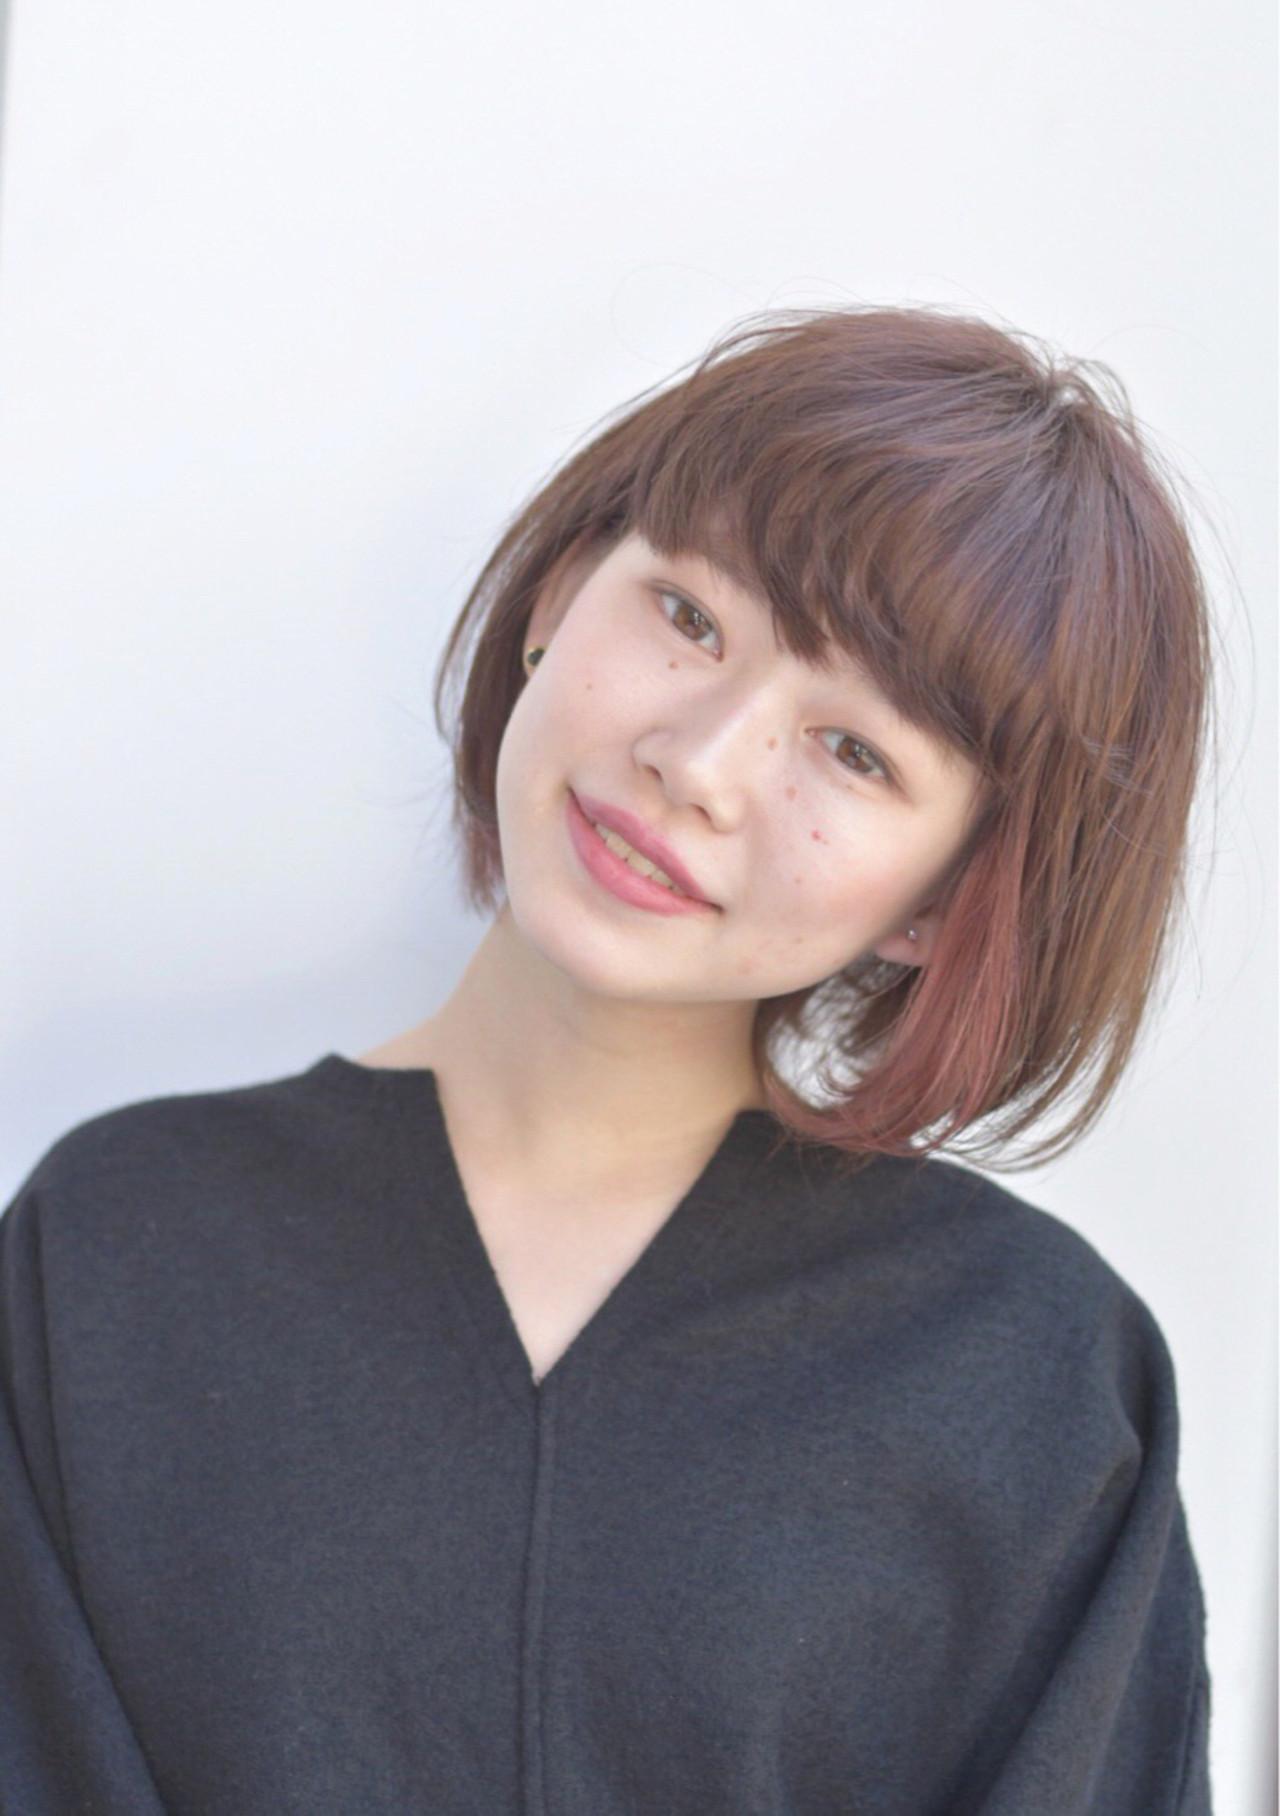 フリンジバング 前髪あり ミルクティー 透明感 ヘアスタイルや髪型の写真・画像